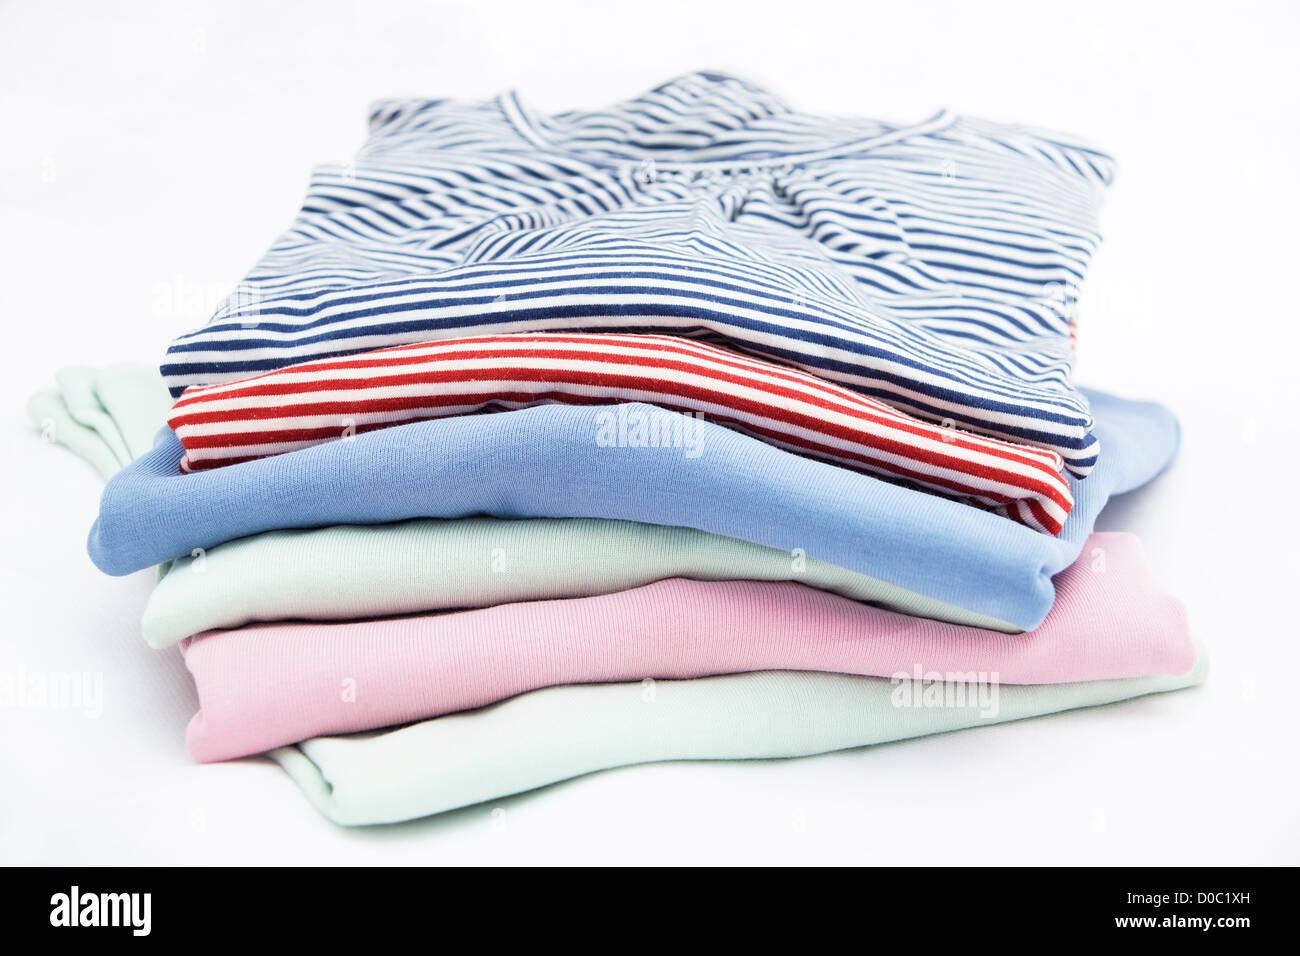 Haufen von Damen Pullover / Pullover / Tops isoliert auf weißem Hintergrund Stockbild